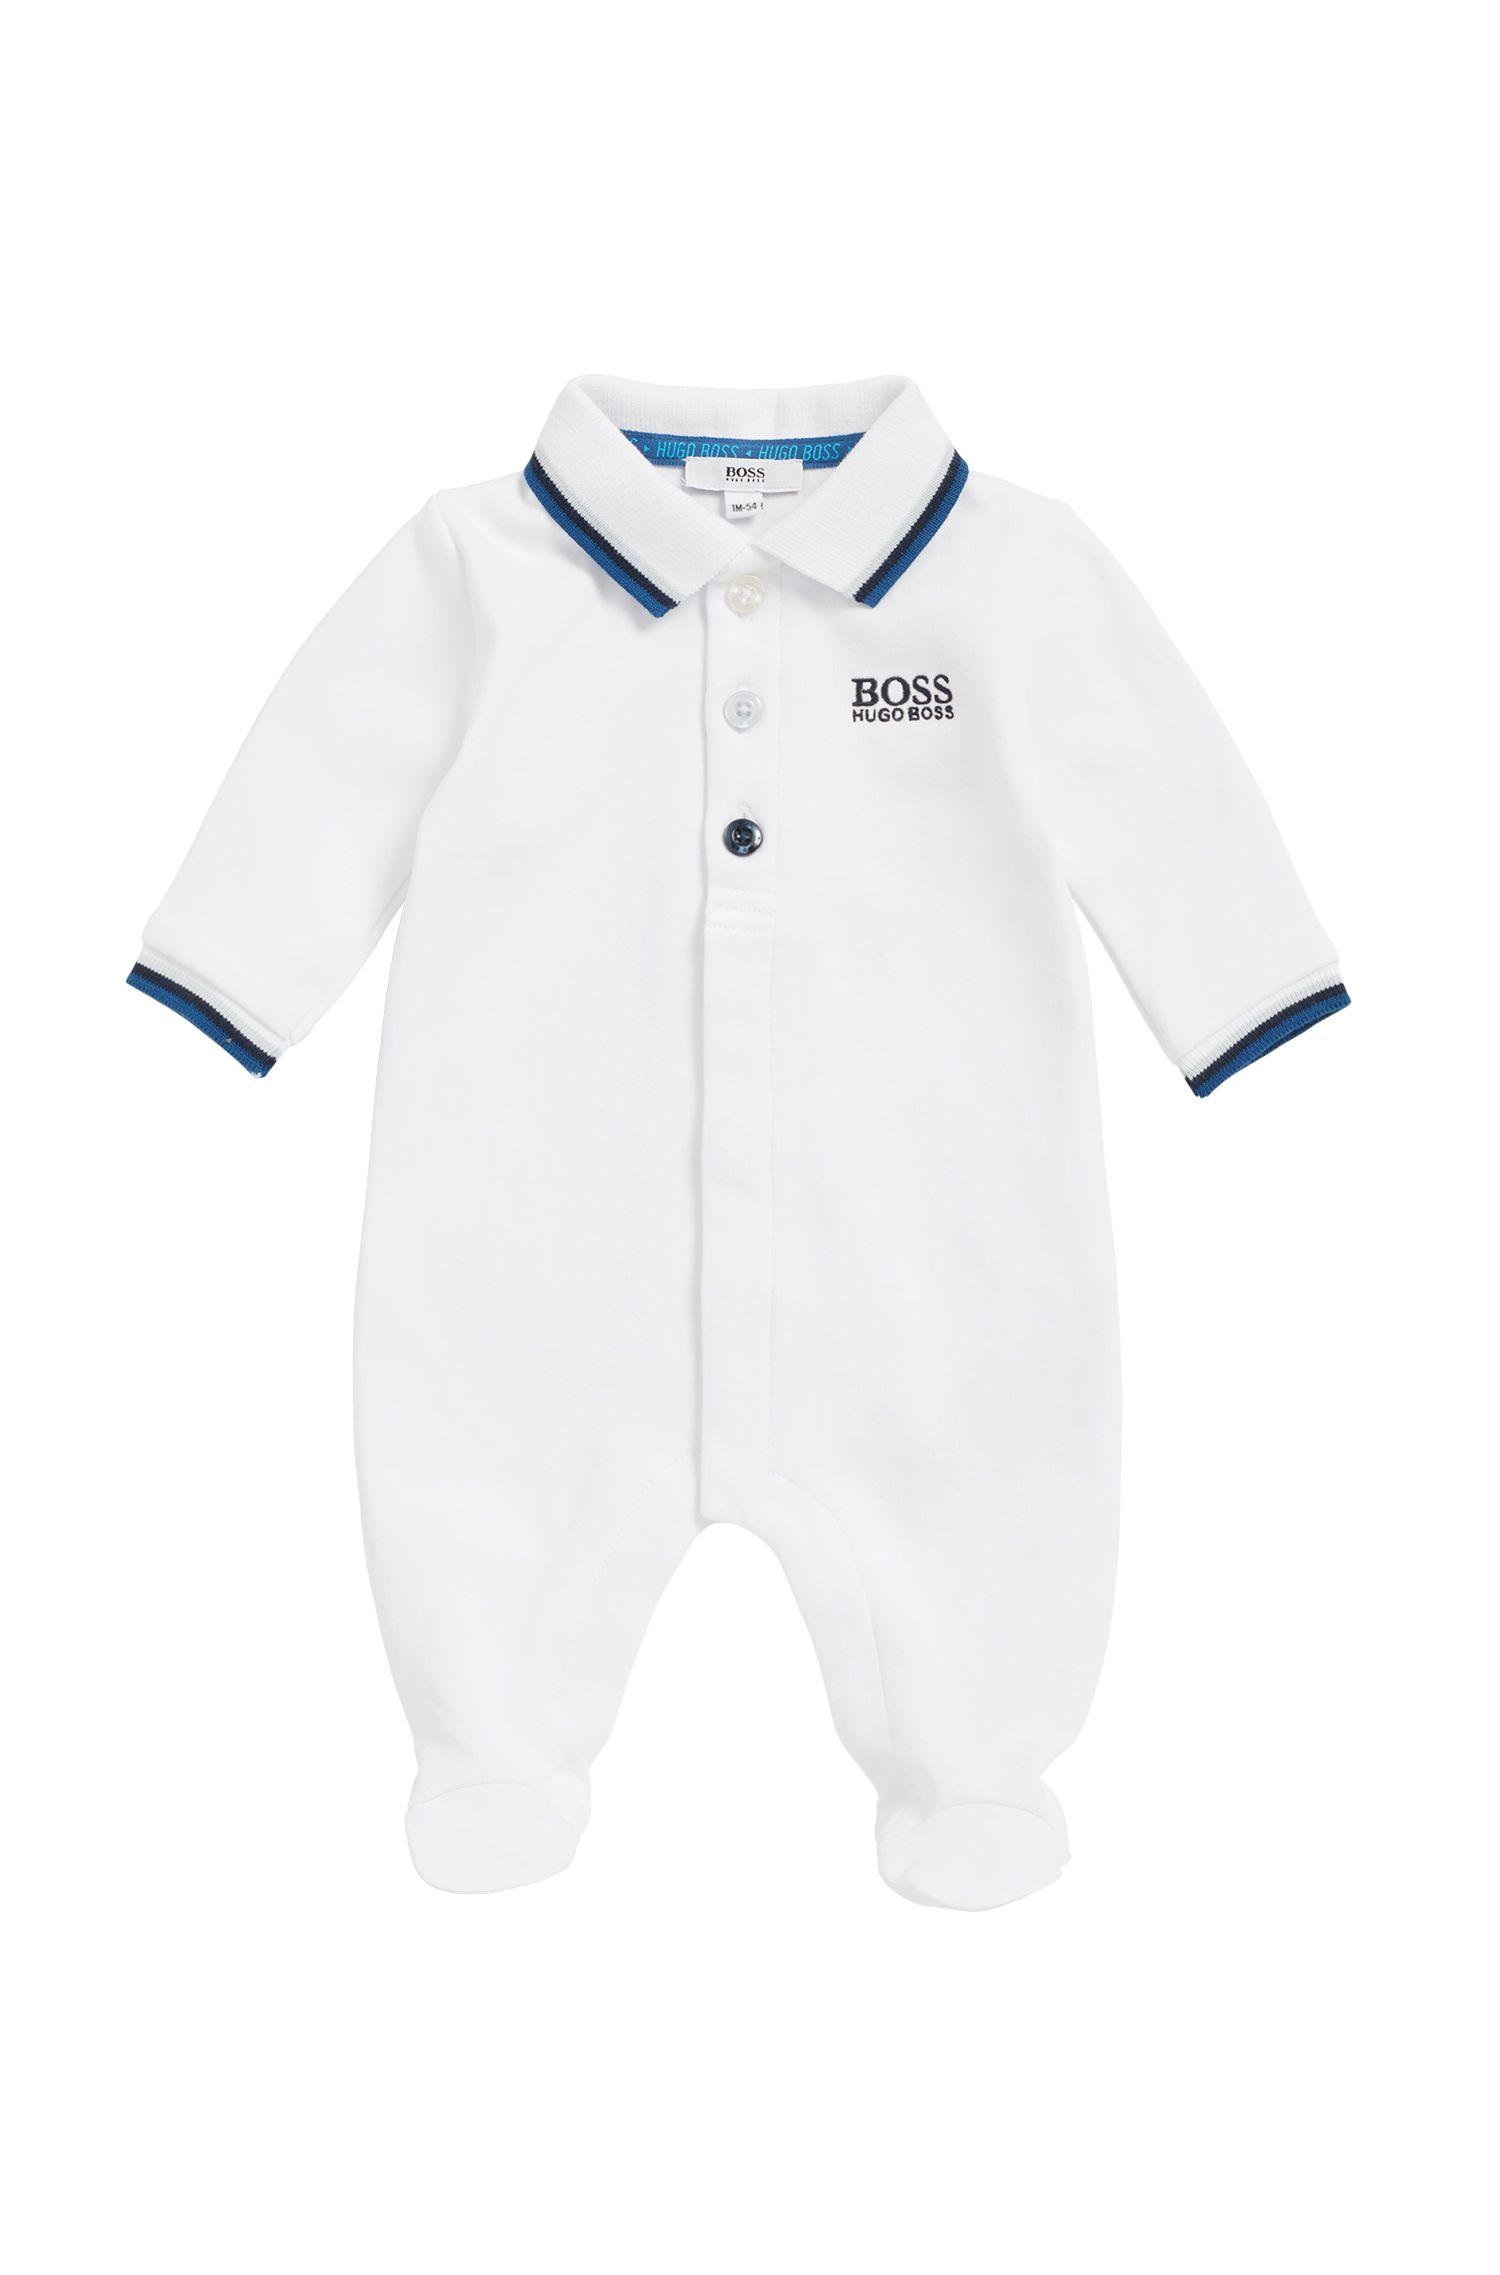 Pagliaccetto da notte per neonato in cotone intrecciato